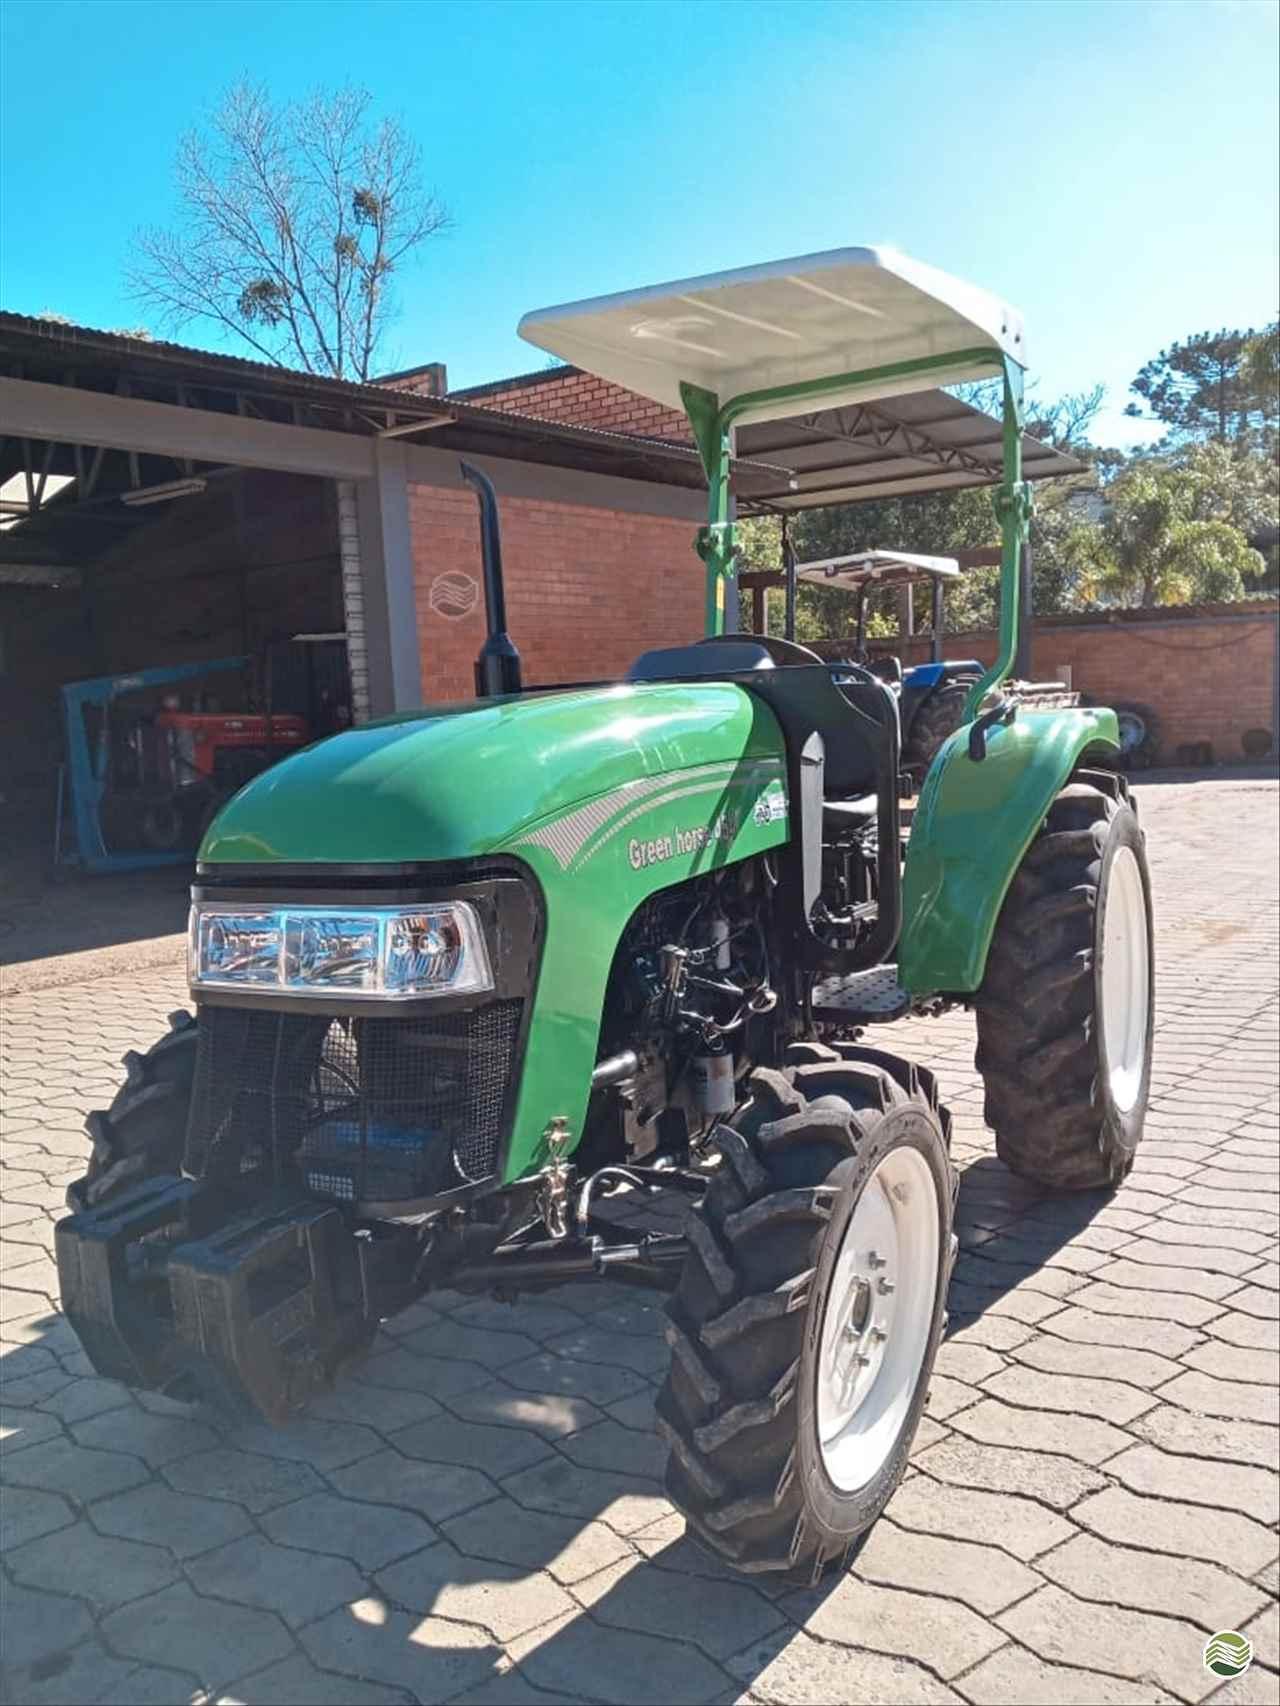 TRATOR GREEN HORSE GREEN 454 Tração 4x4 Tratorama Máquinas e Implementos Agrícolas - Mahindra PAPANDUVA SANTA CATARINA SC